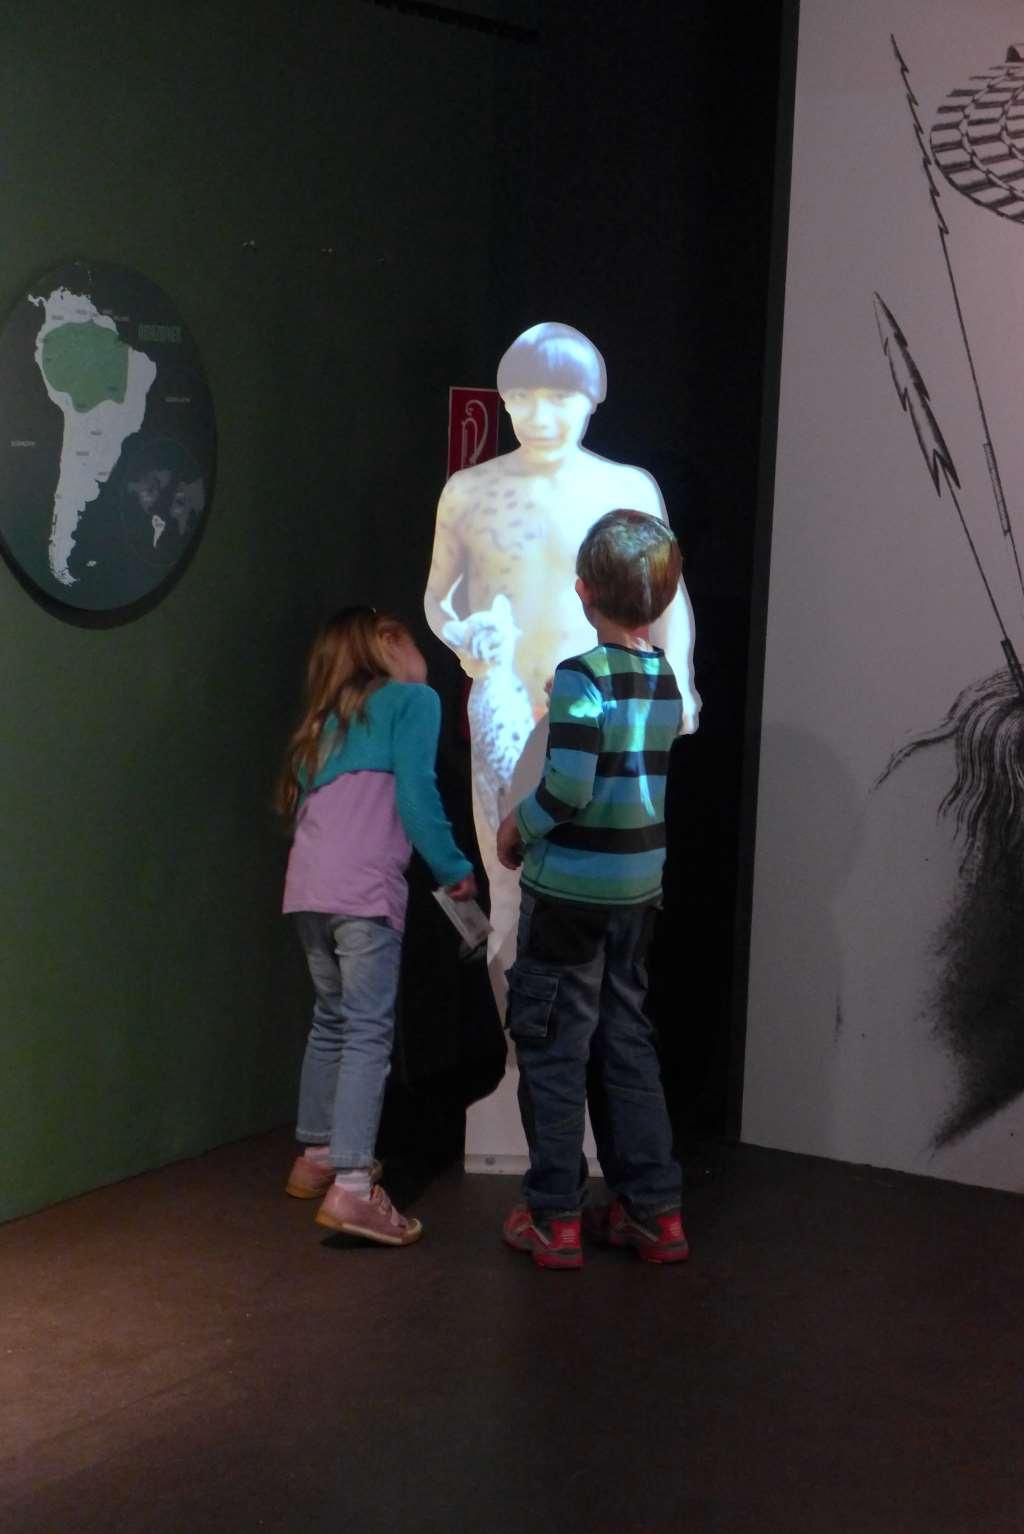 Holzaufsteller eines Regenwald-Bewohners zieht die Aufmerksamkeit der Kinder auf sich.